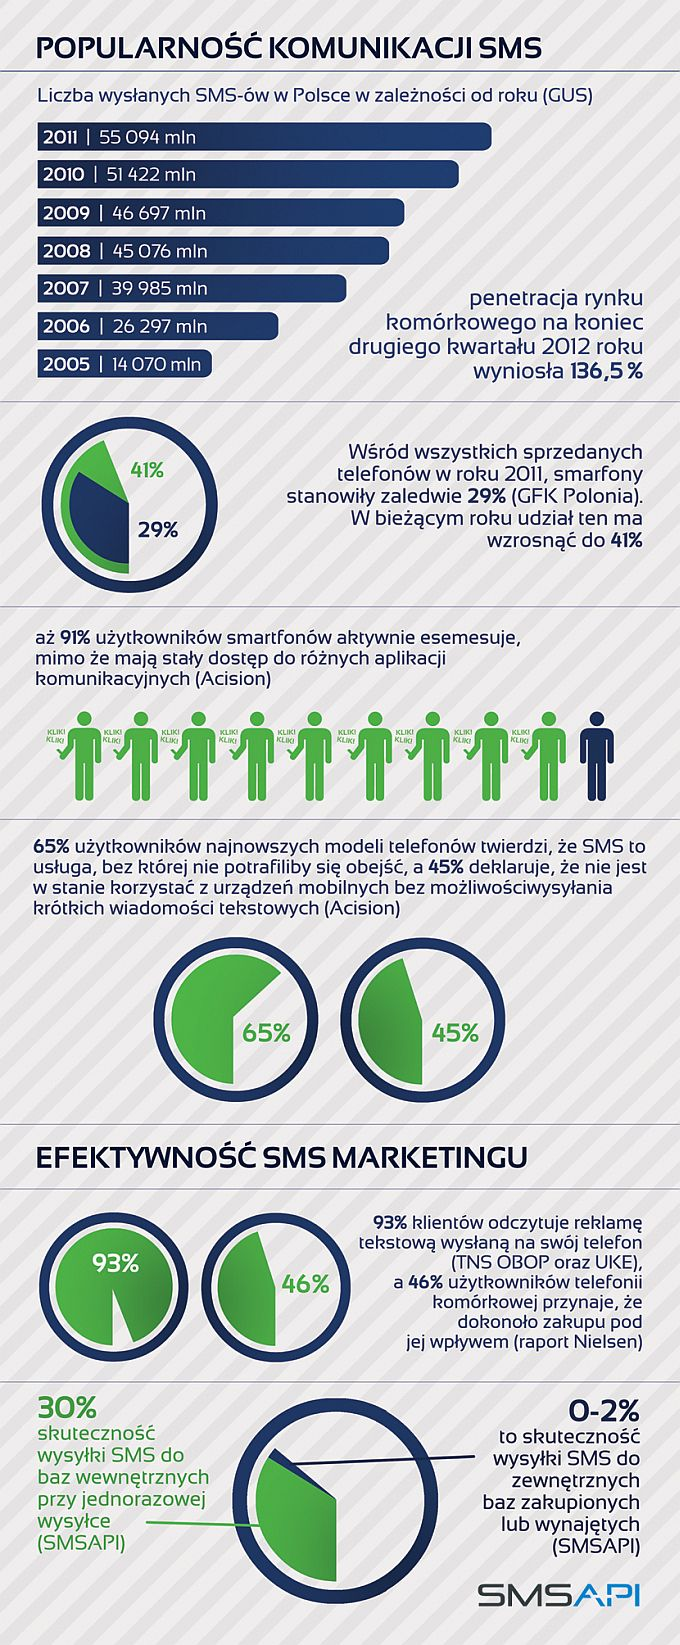 Komunikacja SMS w Polsce - dane statystyczne